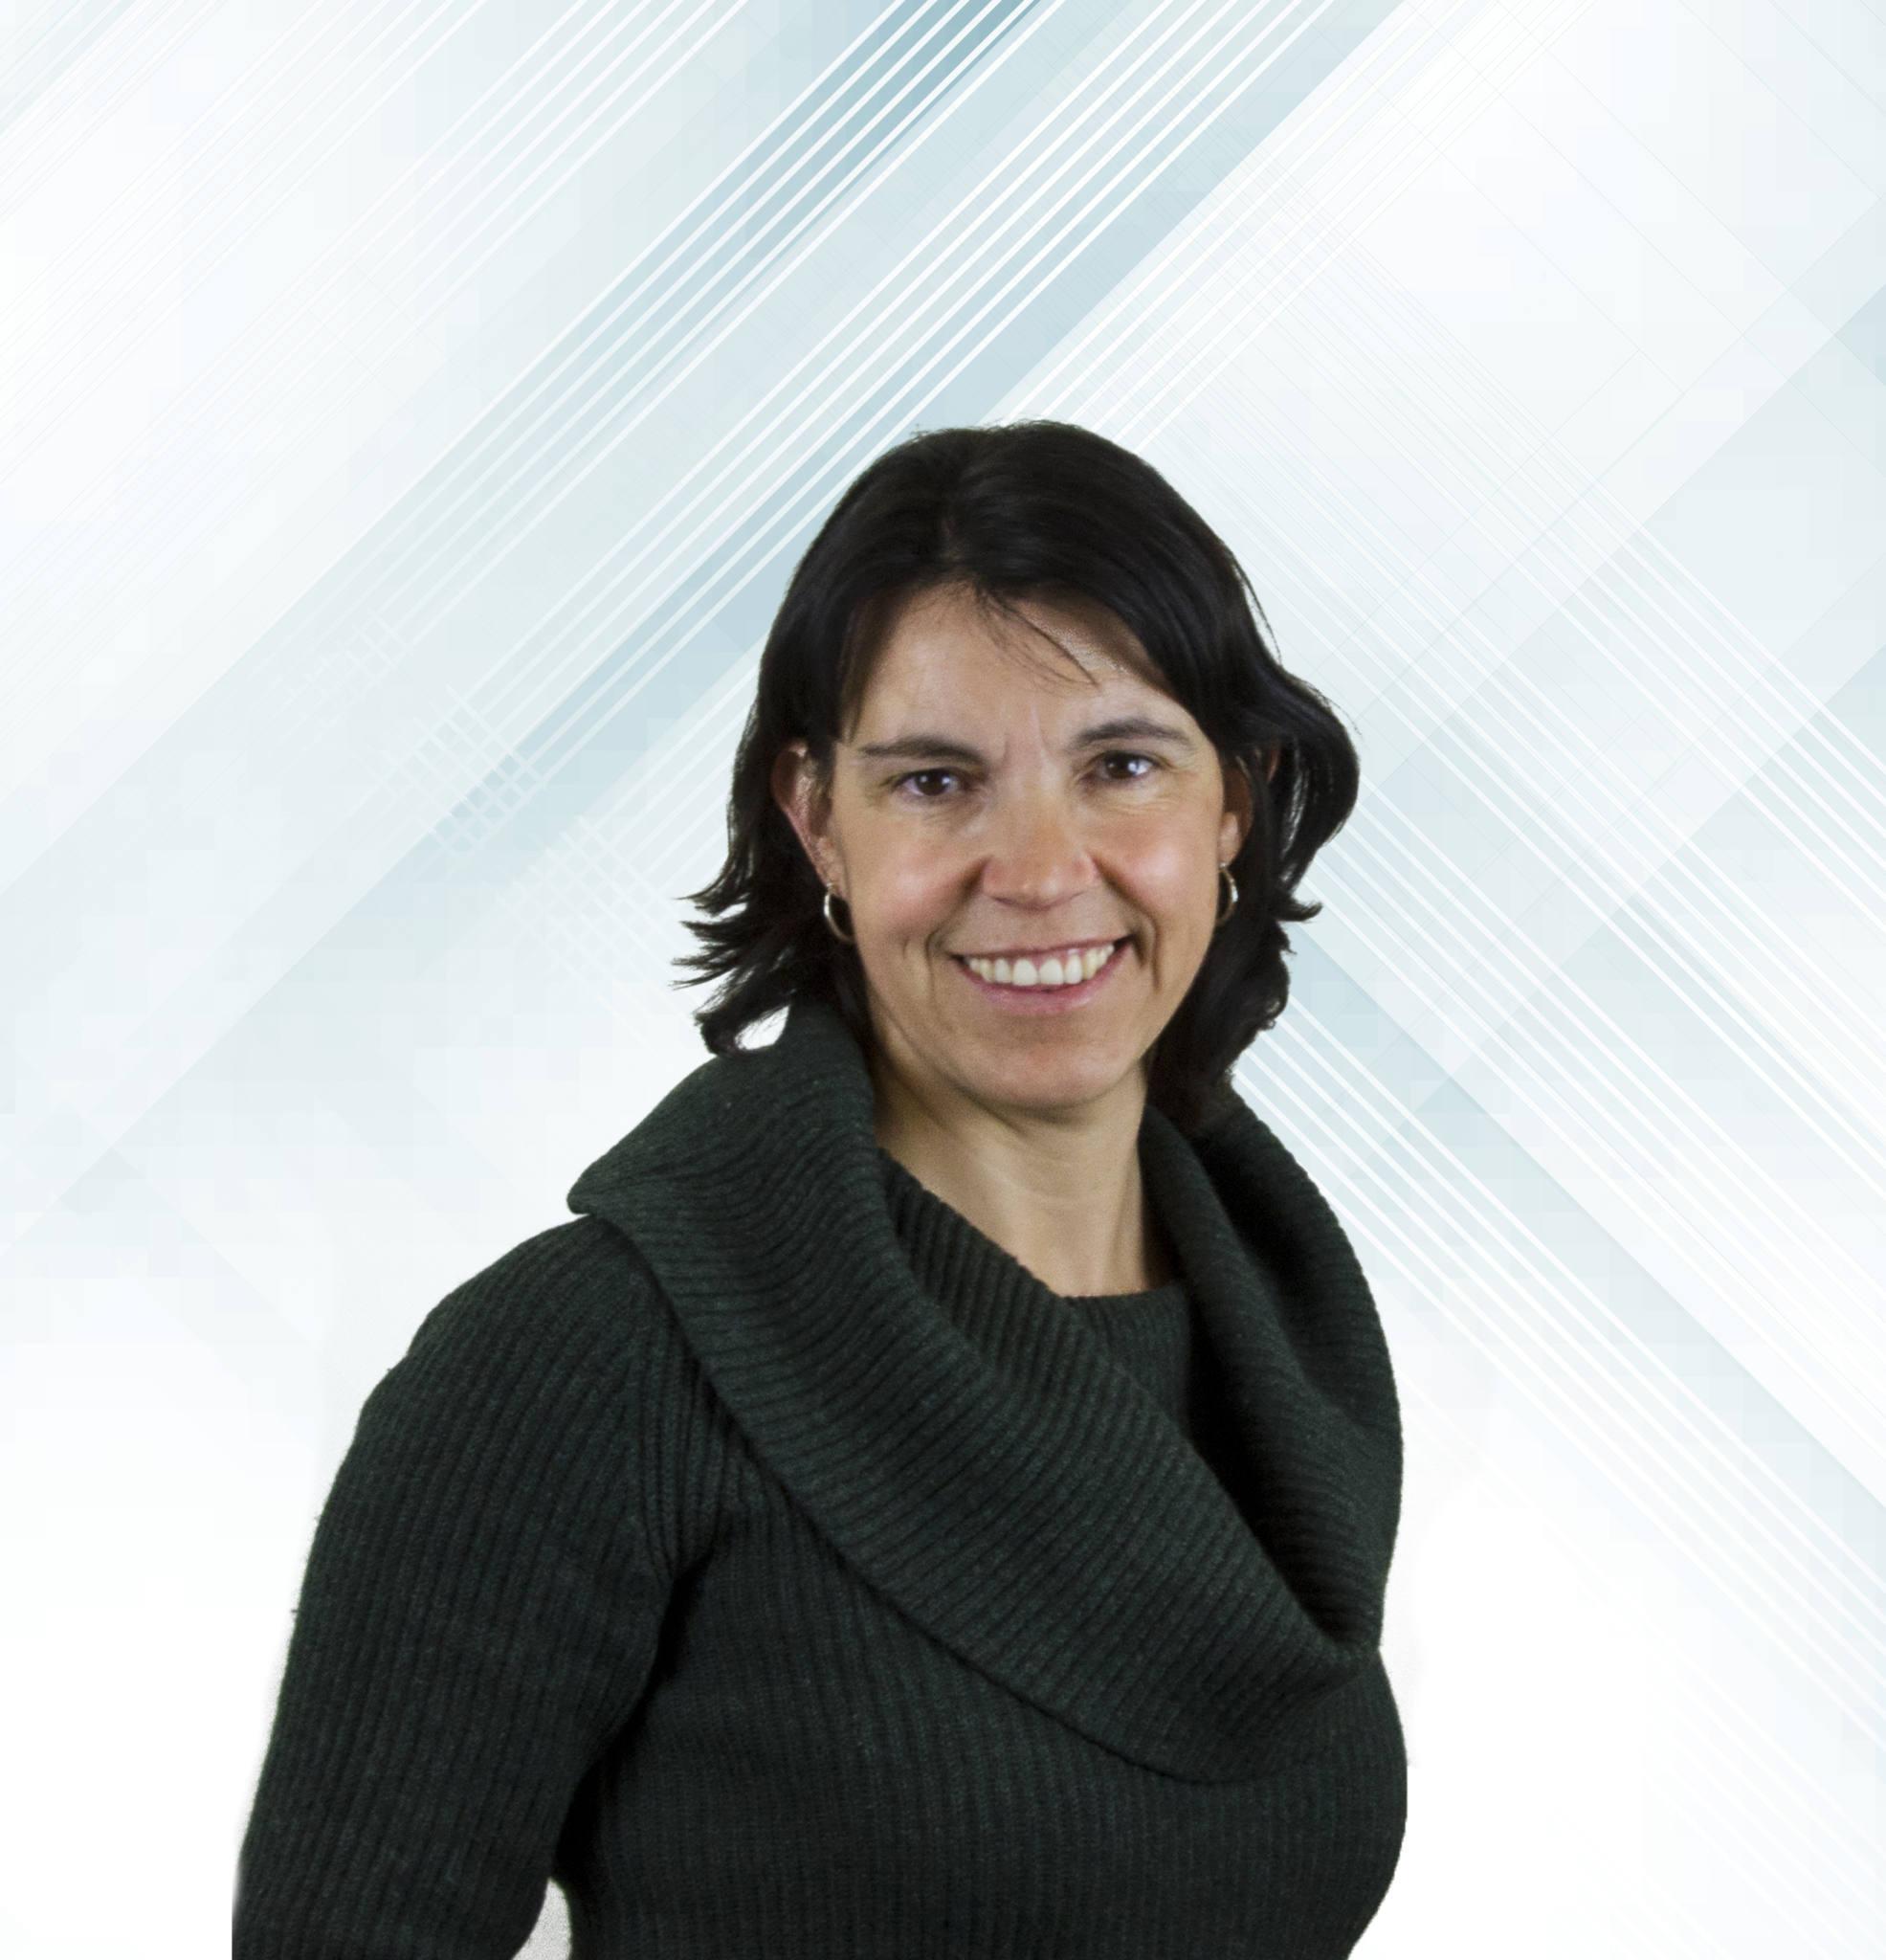 Bárbara Ondiviela